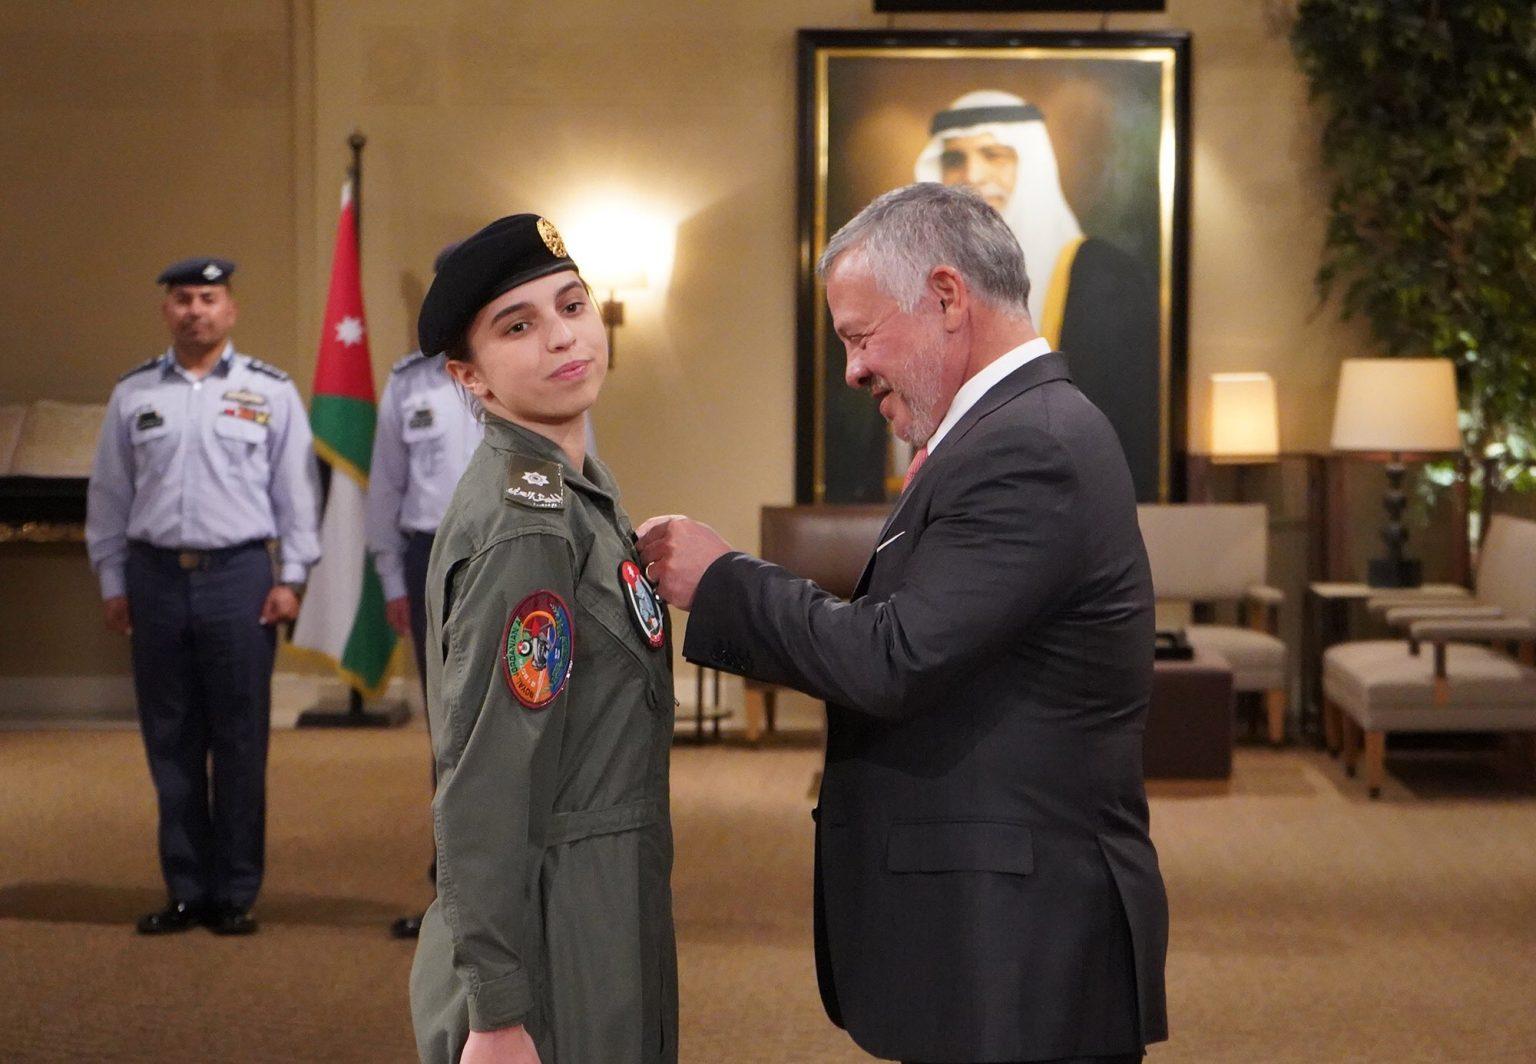 Princess-Salma-Bint-Abdullah-1536x1064.jpg